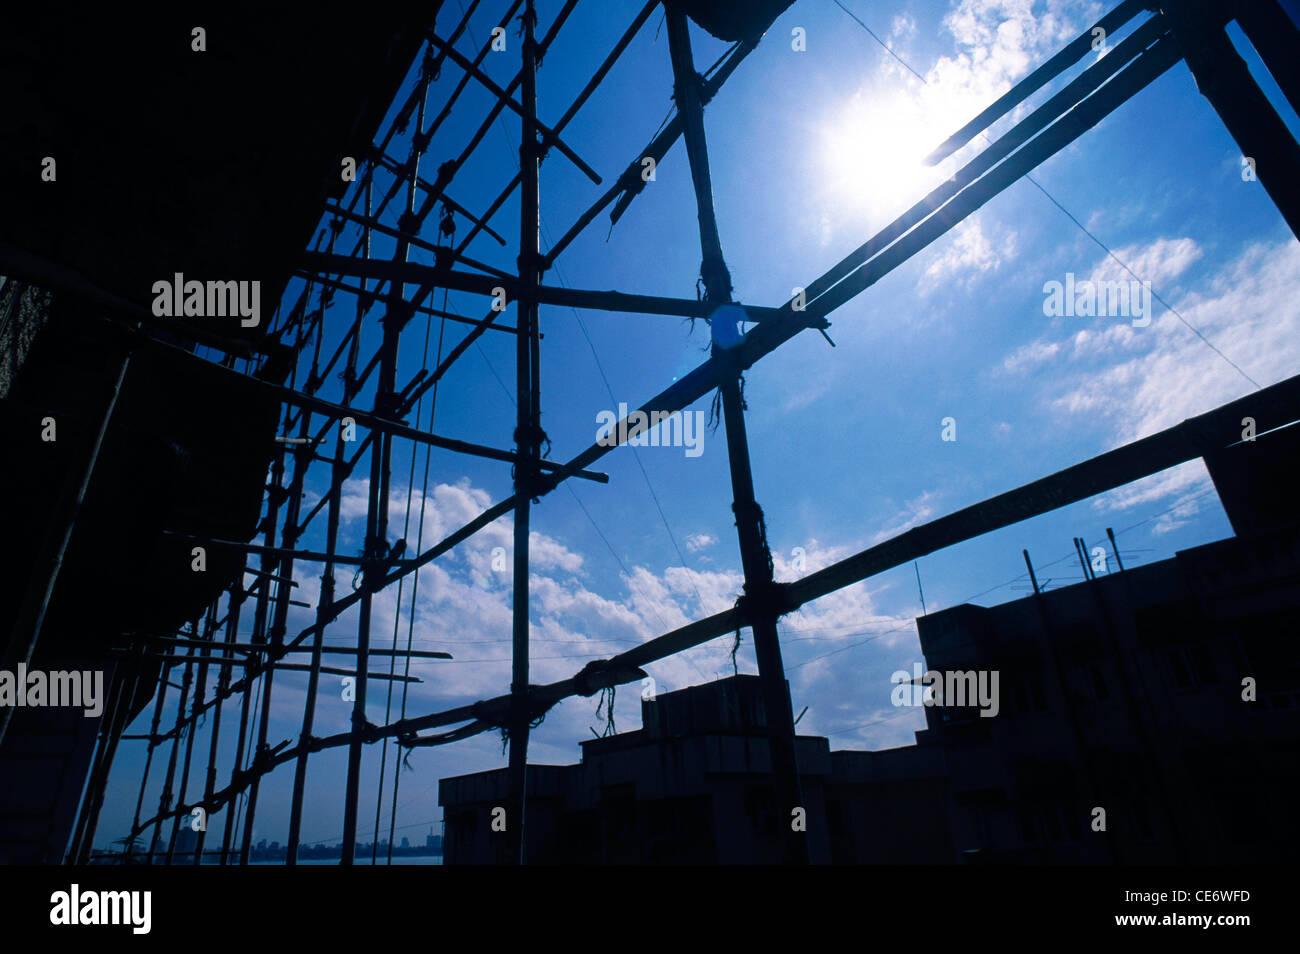 STP 86018: Bambus Struktur Sonne weißen Wolken blauer Himmel Indien Gerüste Stockbild